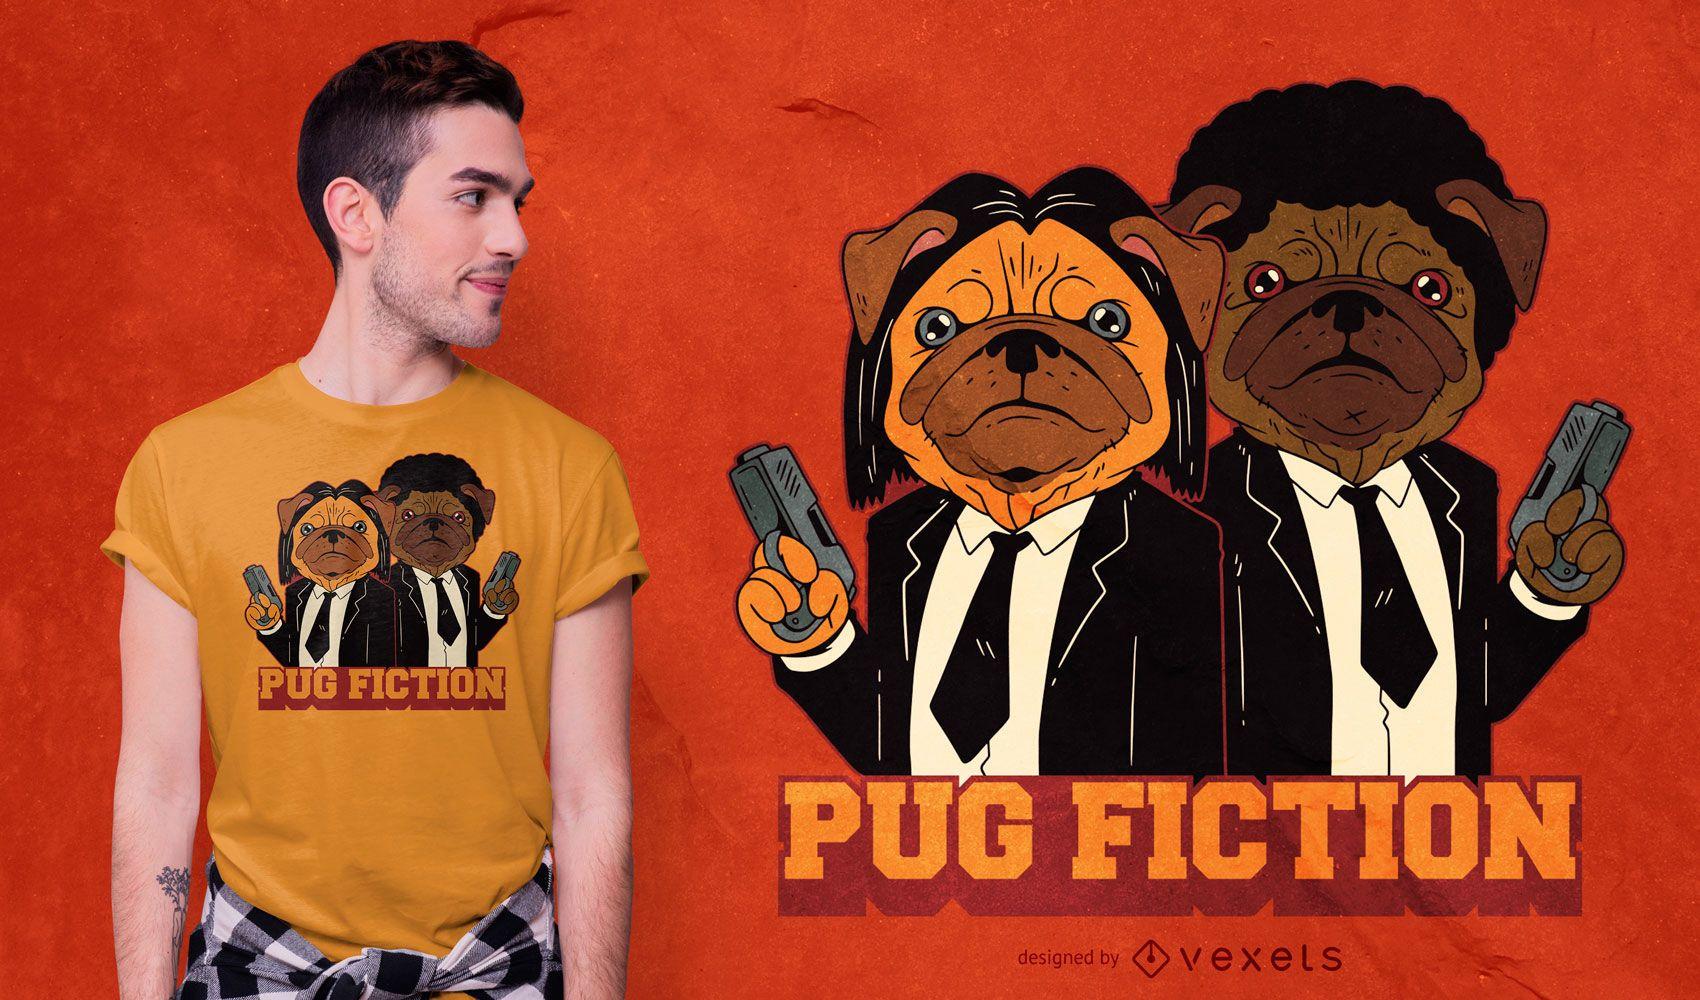 Design de camisetas para cães com paródia de ficção Pug